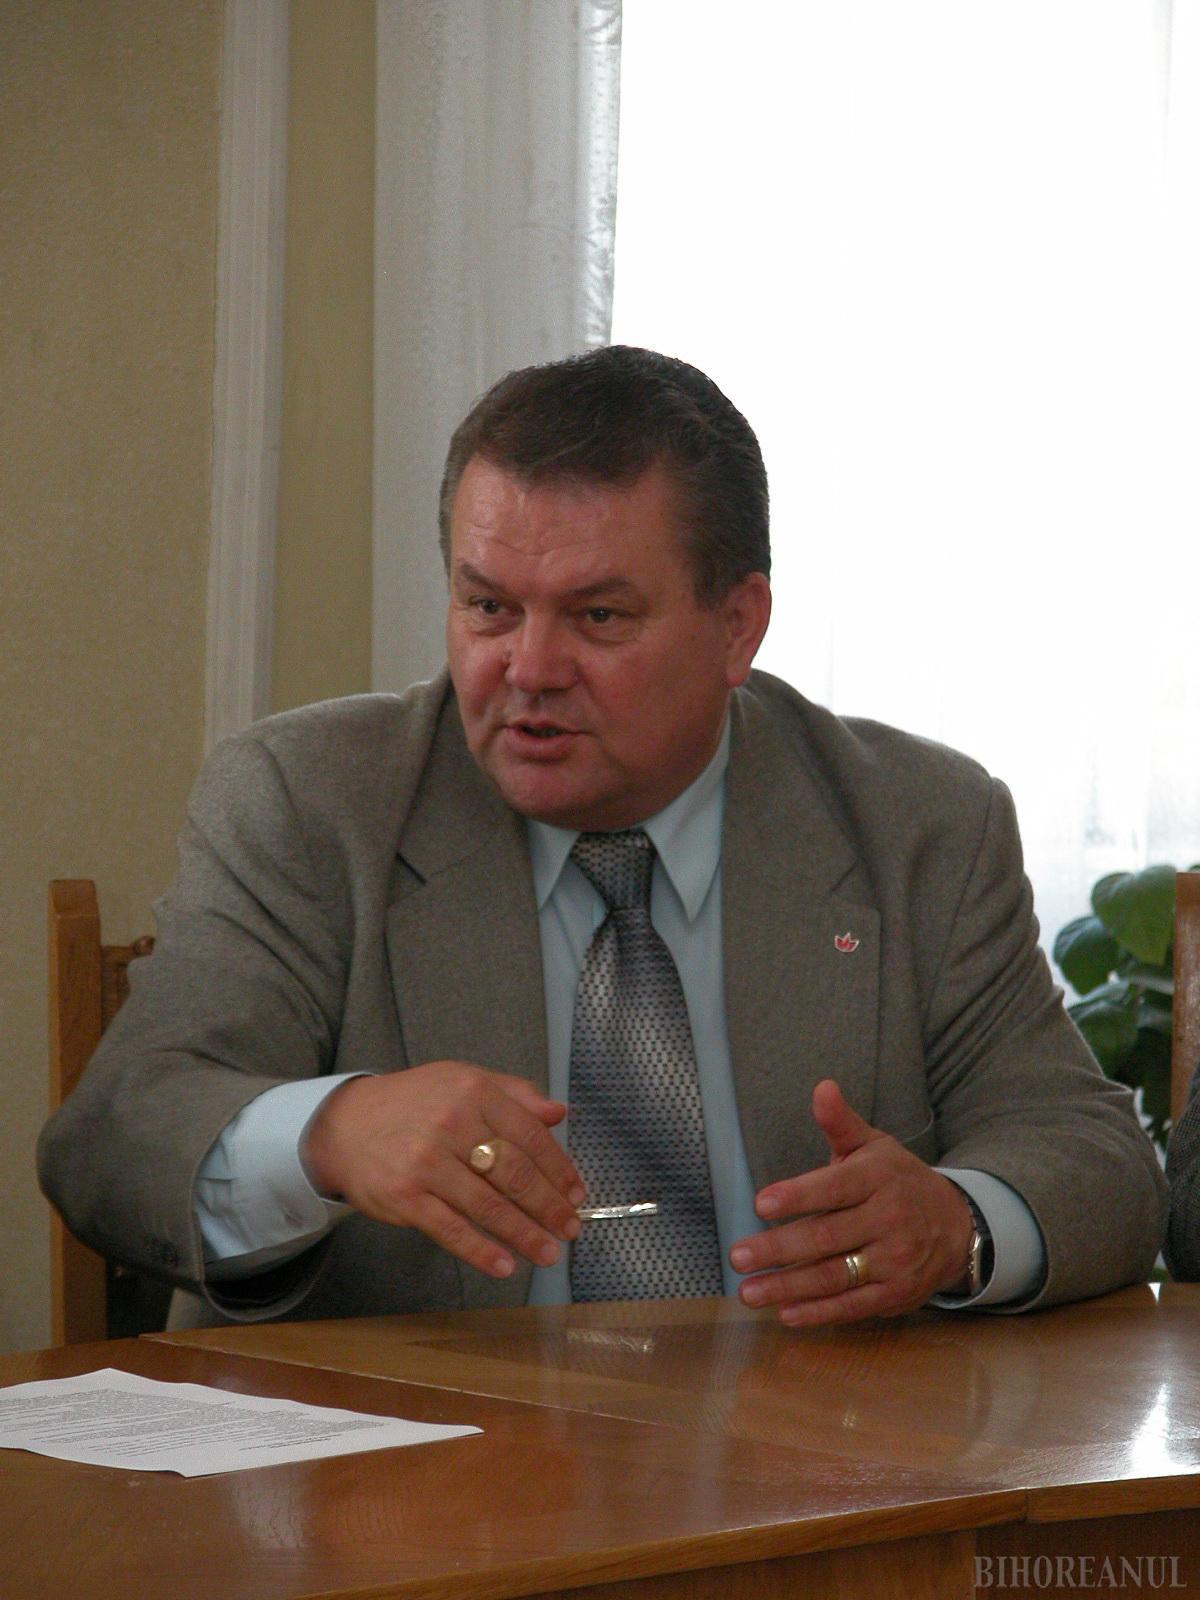 Lakatos Peter, singurul UDMR-ist care s-a opus intrării la guvernare cu PDL